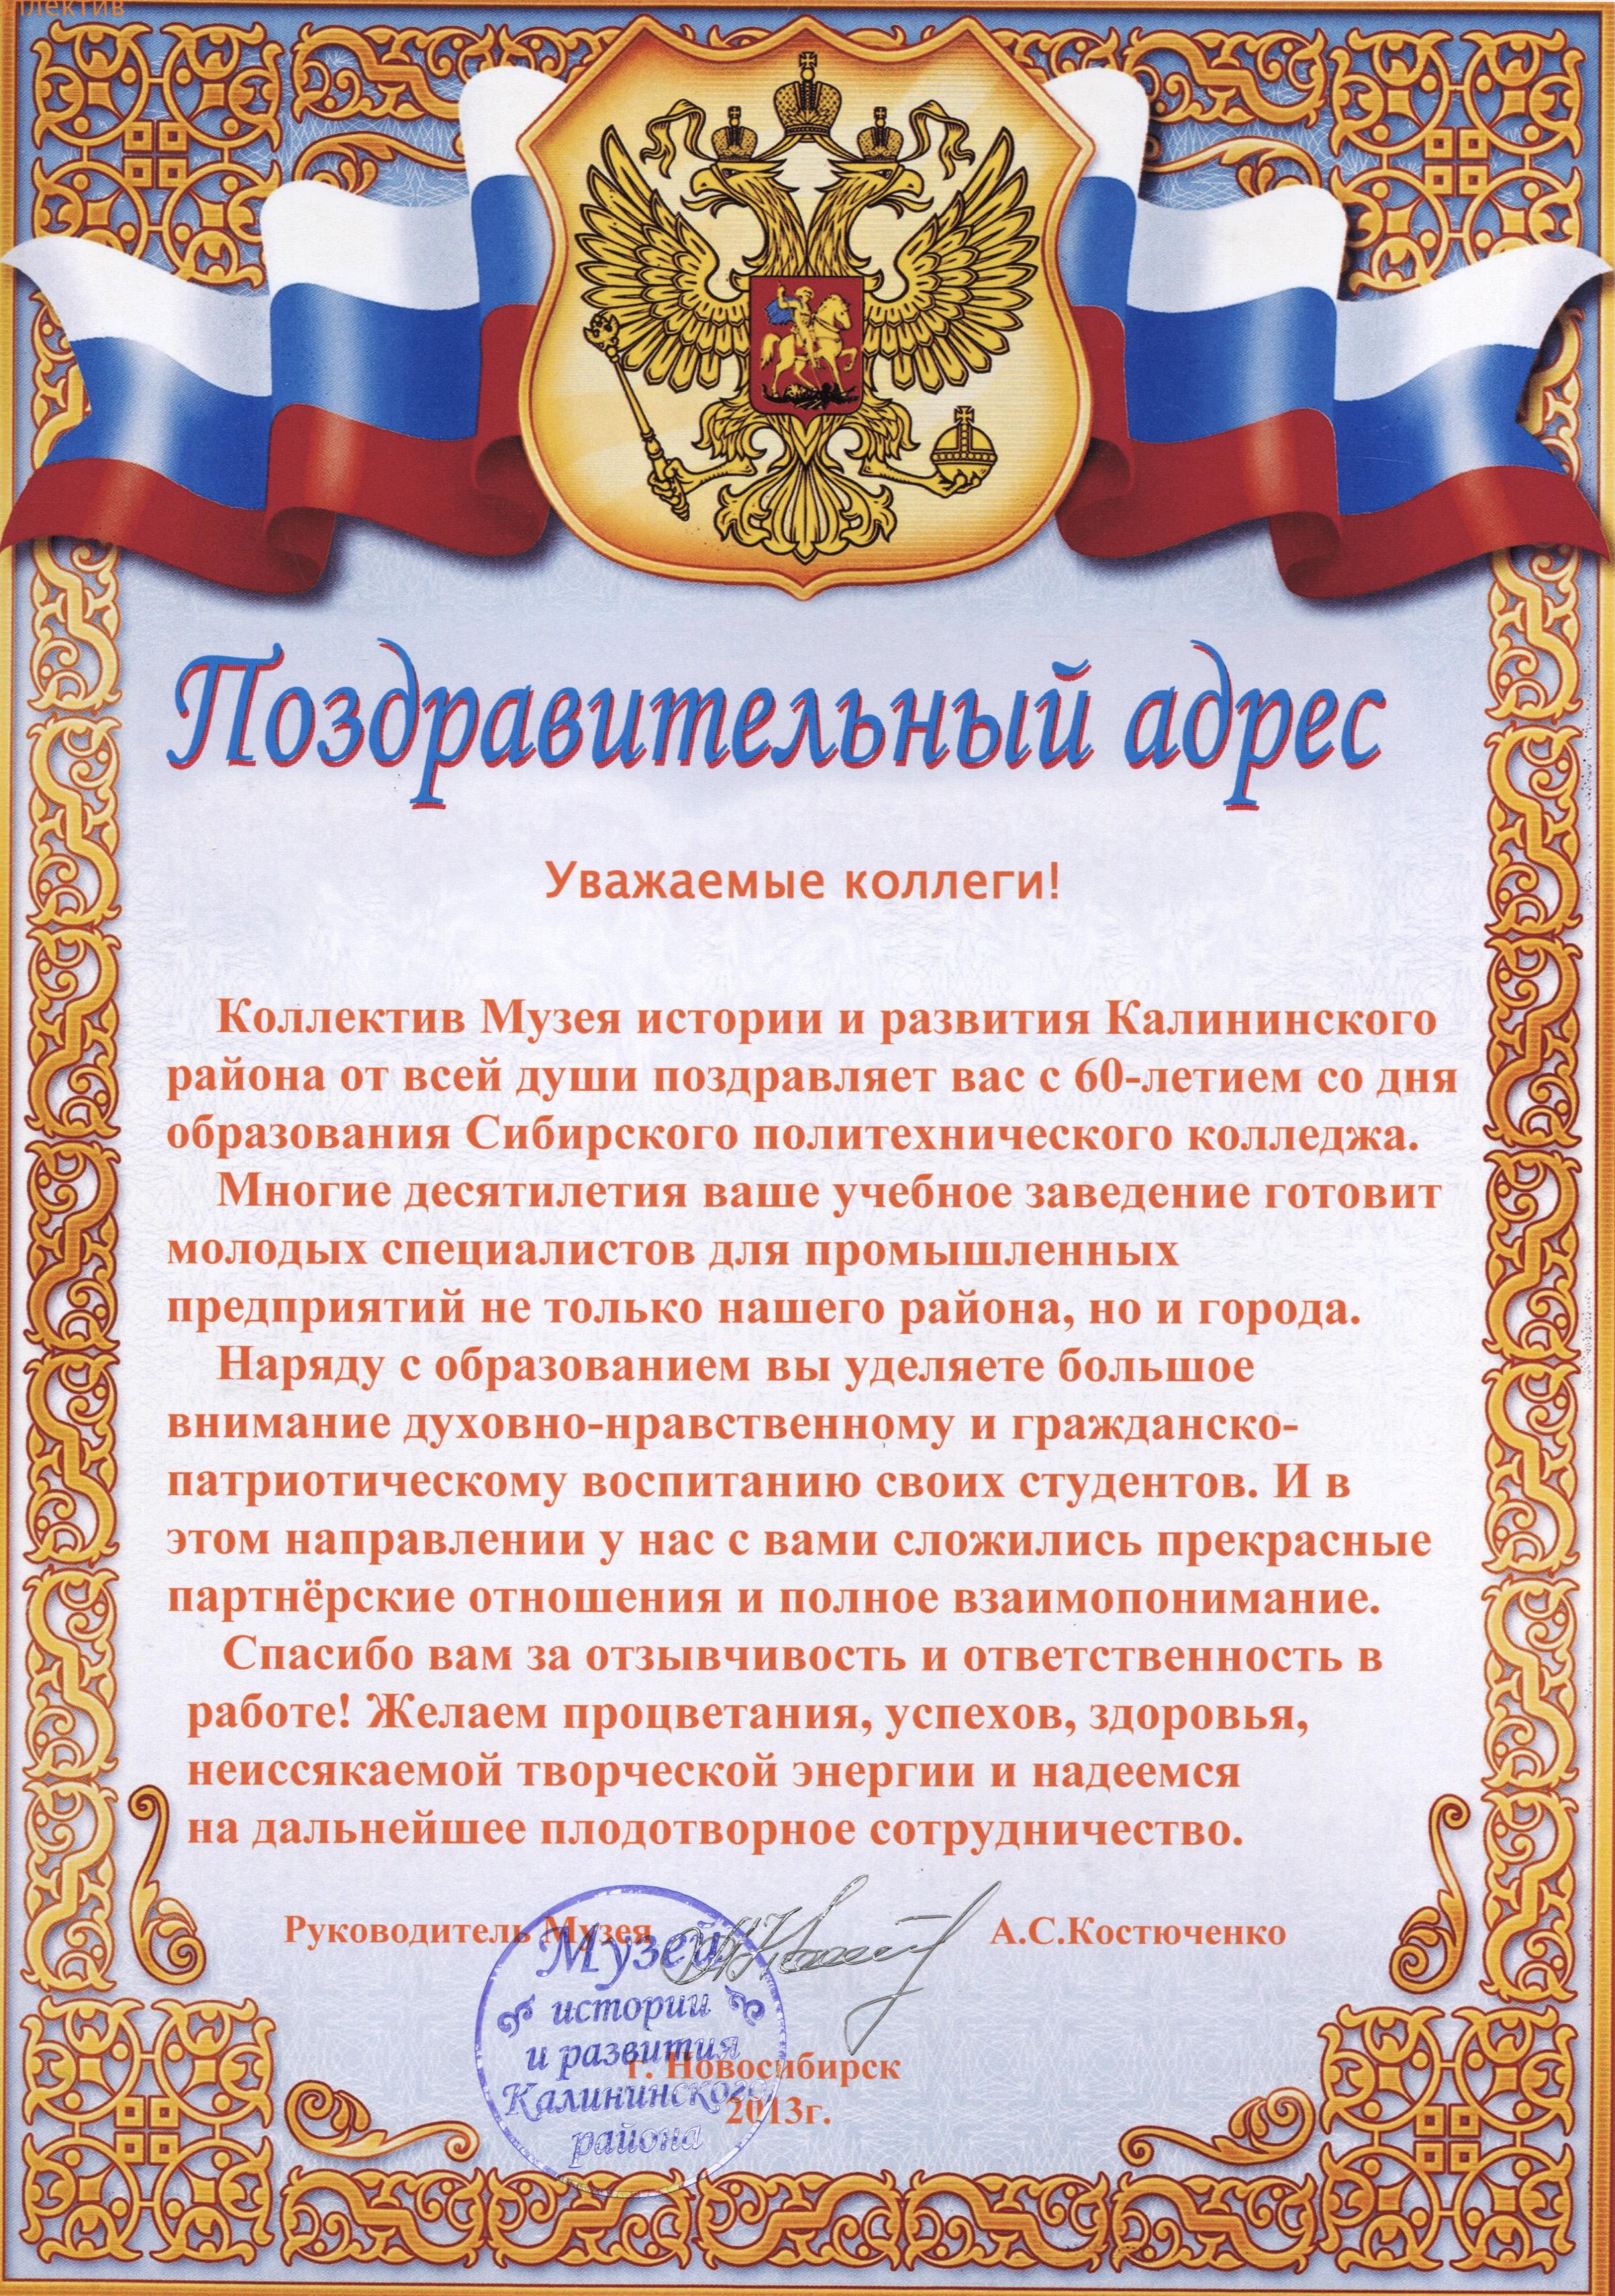 Образцы текстов поздравлений к юбилею